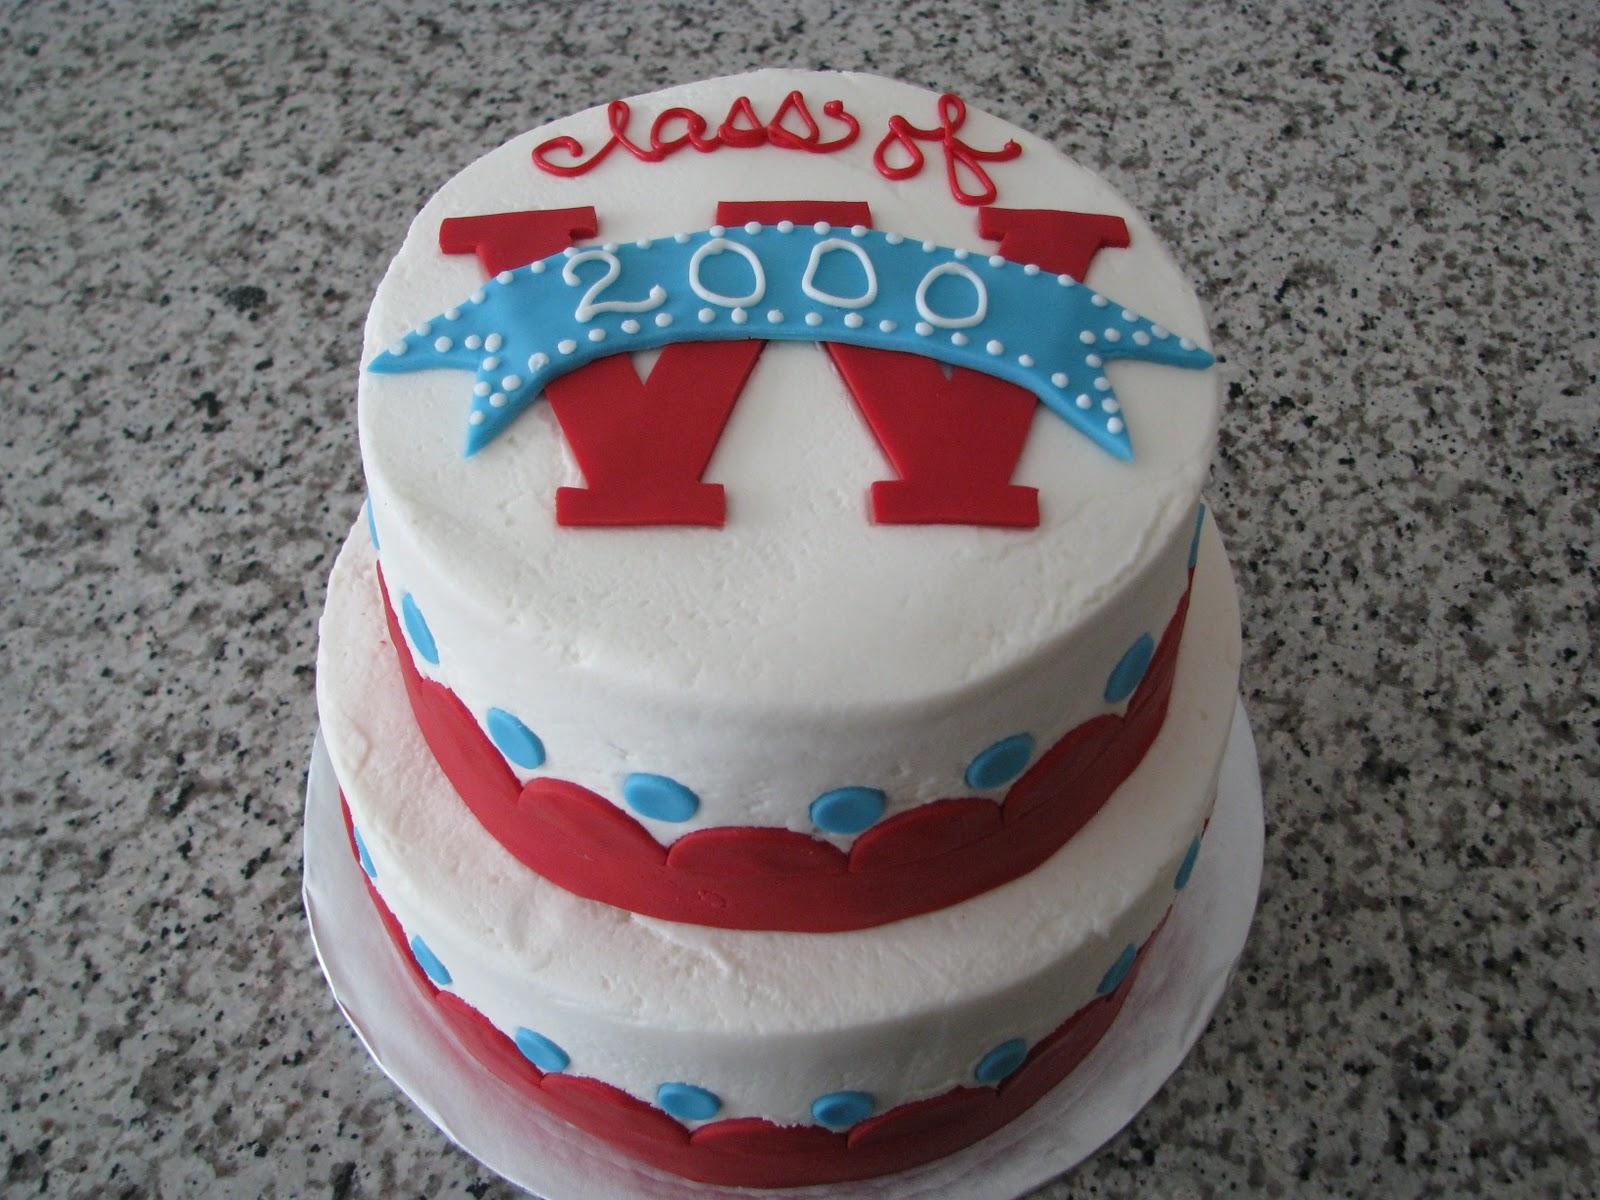 Sugar Prince: Western High School 2000 Reunion Cake